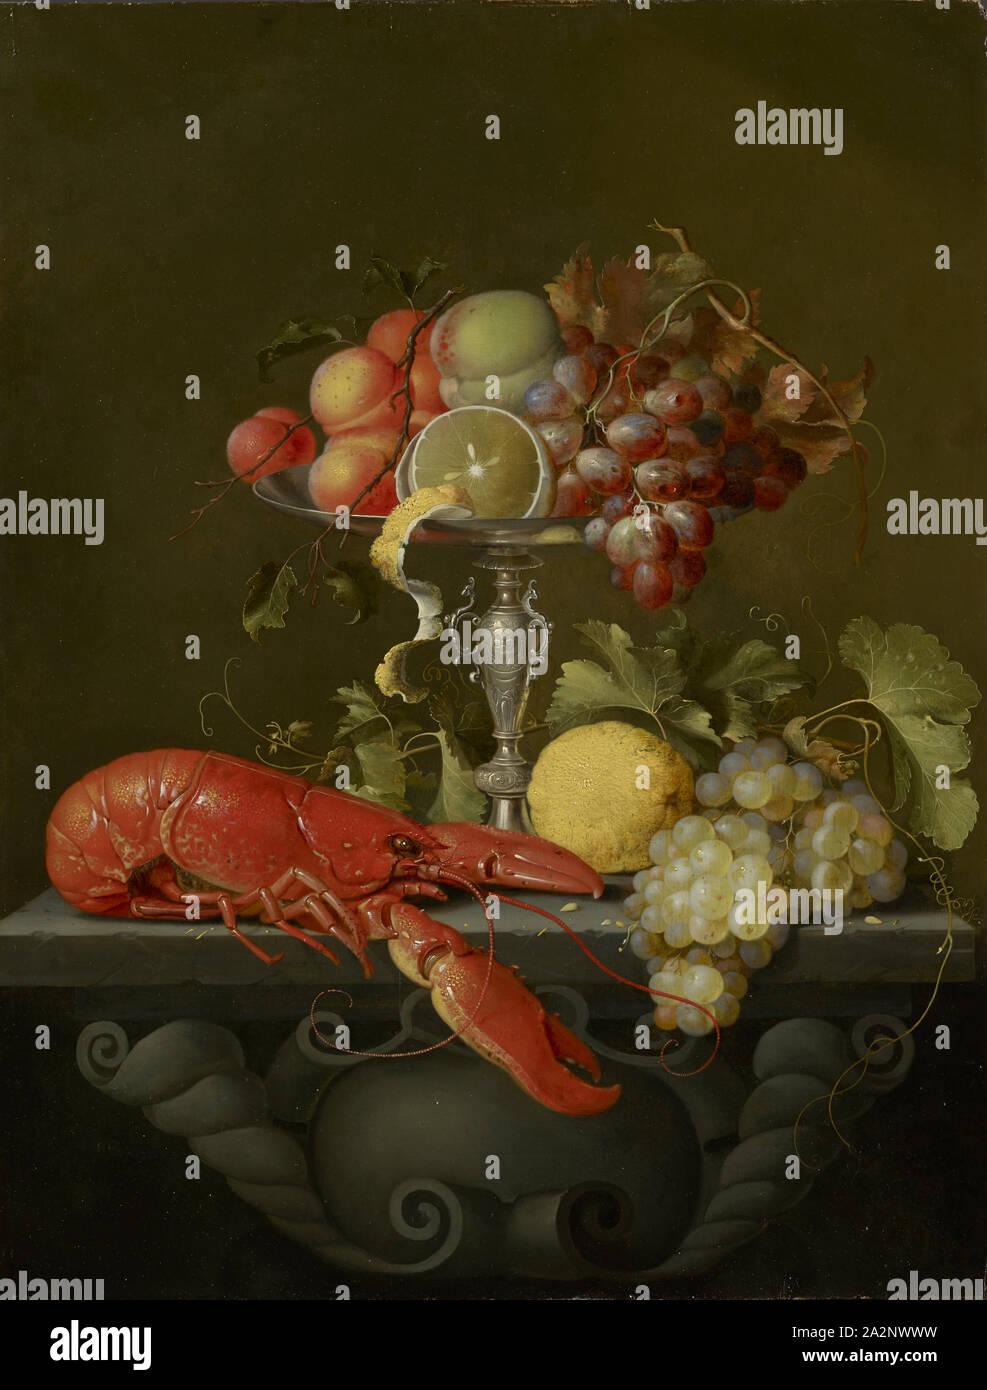 Natura morta con cesto di frutta e l'aragosta, olio su Oak, 64,5 x 49,5 cm, non specificato, Jan Davidsz de Heem, (Nachahmer / imitatore), Utrecht 1606-1683/1684 Antwerpen Foto Stock